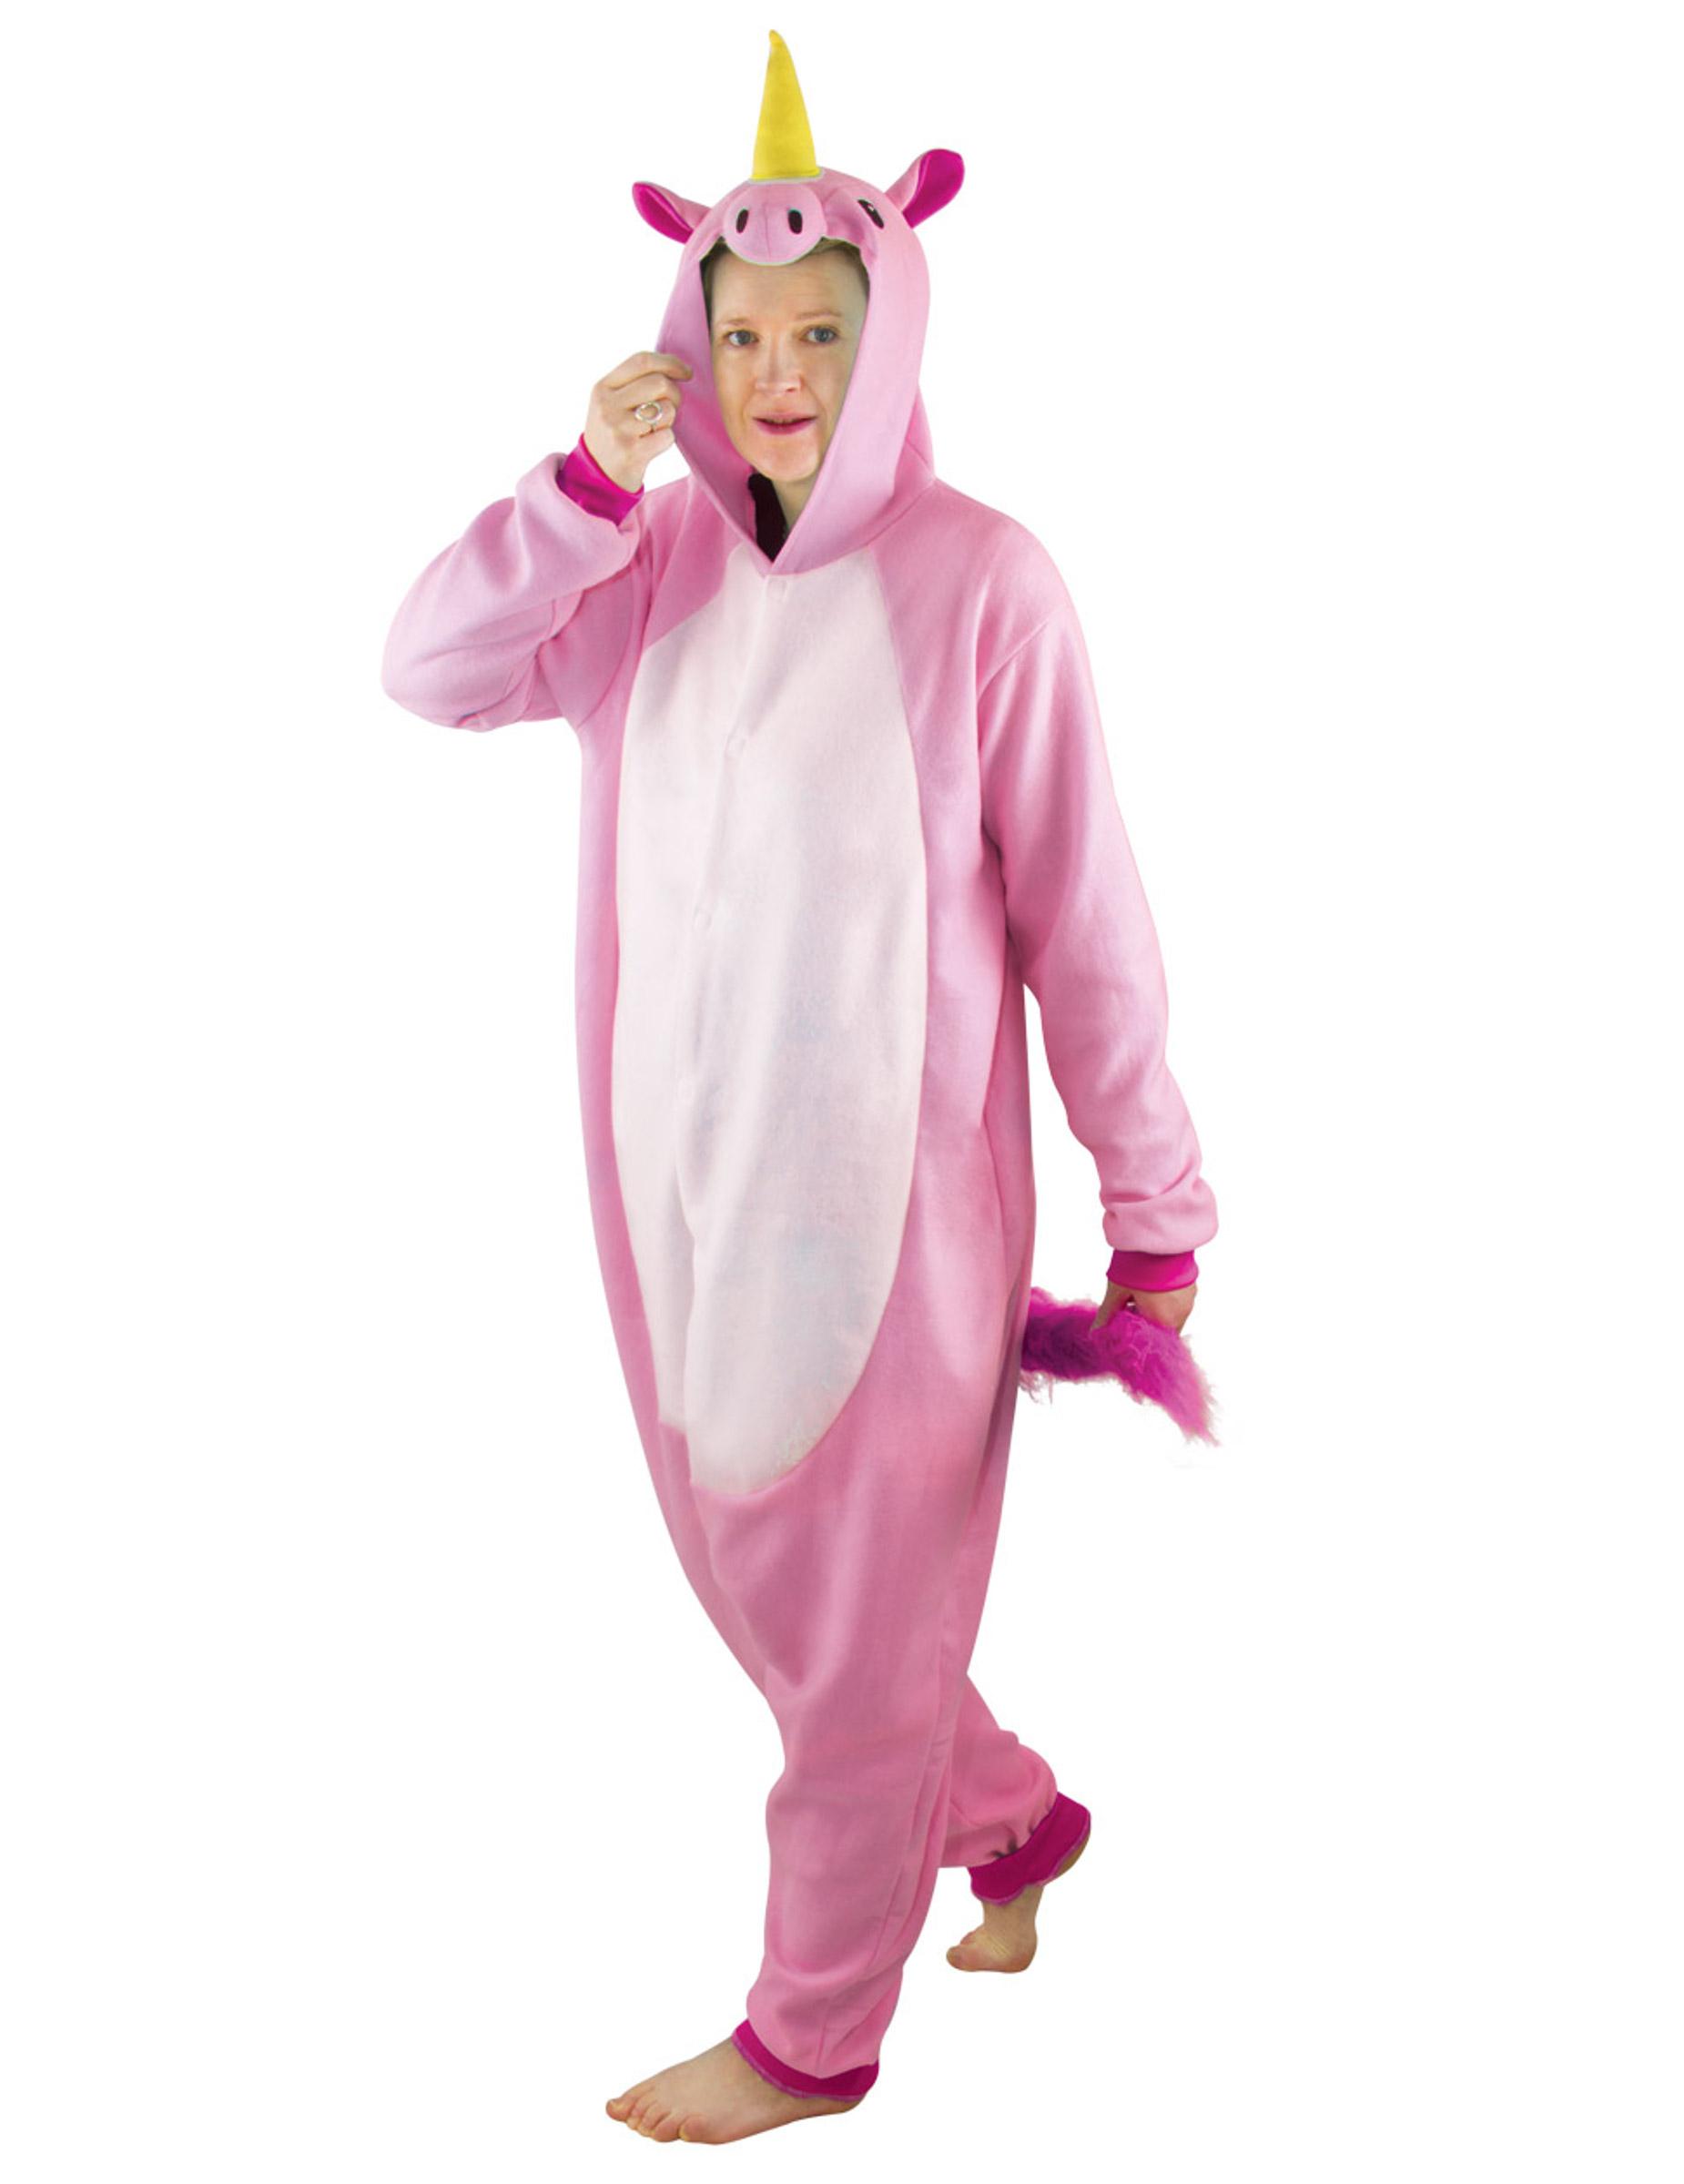 gamma esclusiva chic classico goditi la spedizione in omaggio Costume tuta integrale da unicorno rosa per adulto